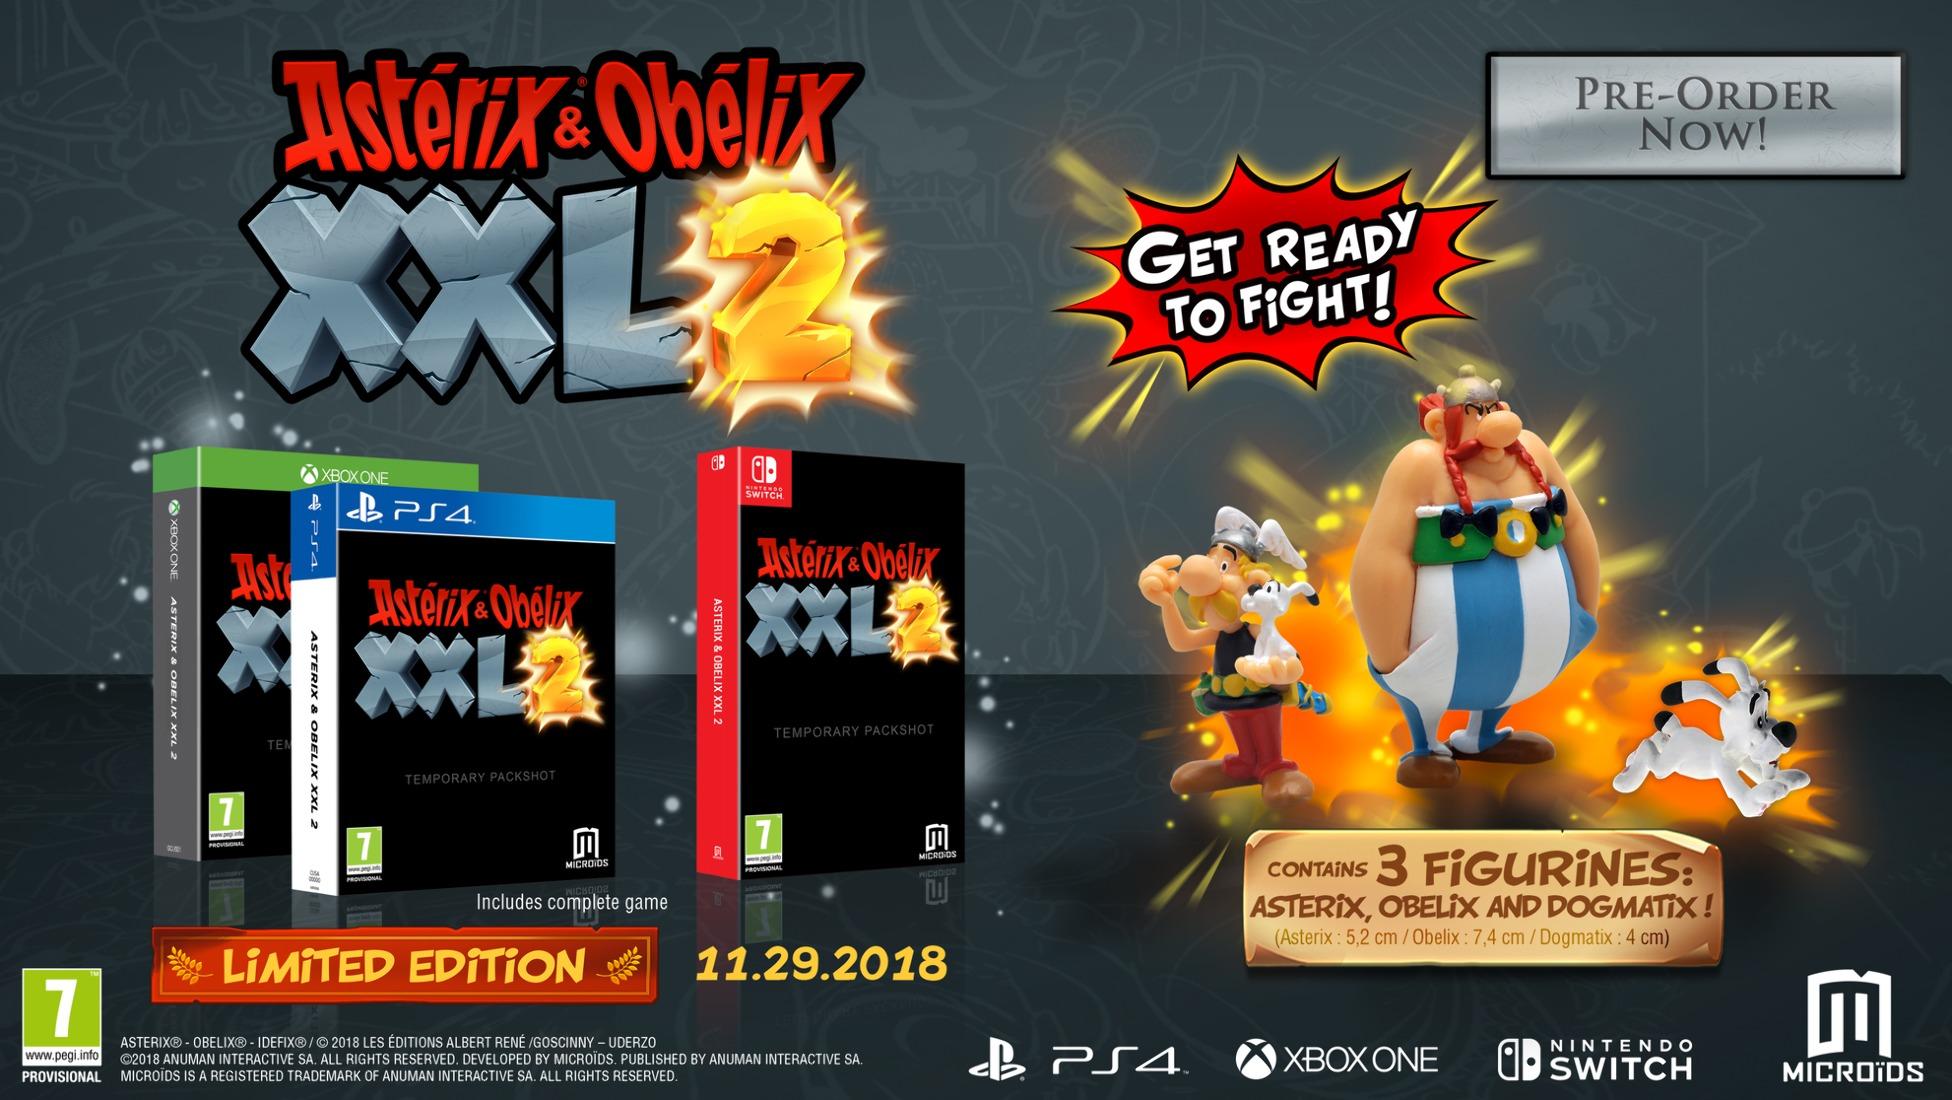 Asterix & Obelix XXL 3 по обещаниям разработчиков будет приключенческой  игрой с захватывающими сражениями, исследованиями, головоломками и  возможностью ...